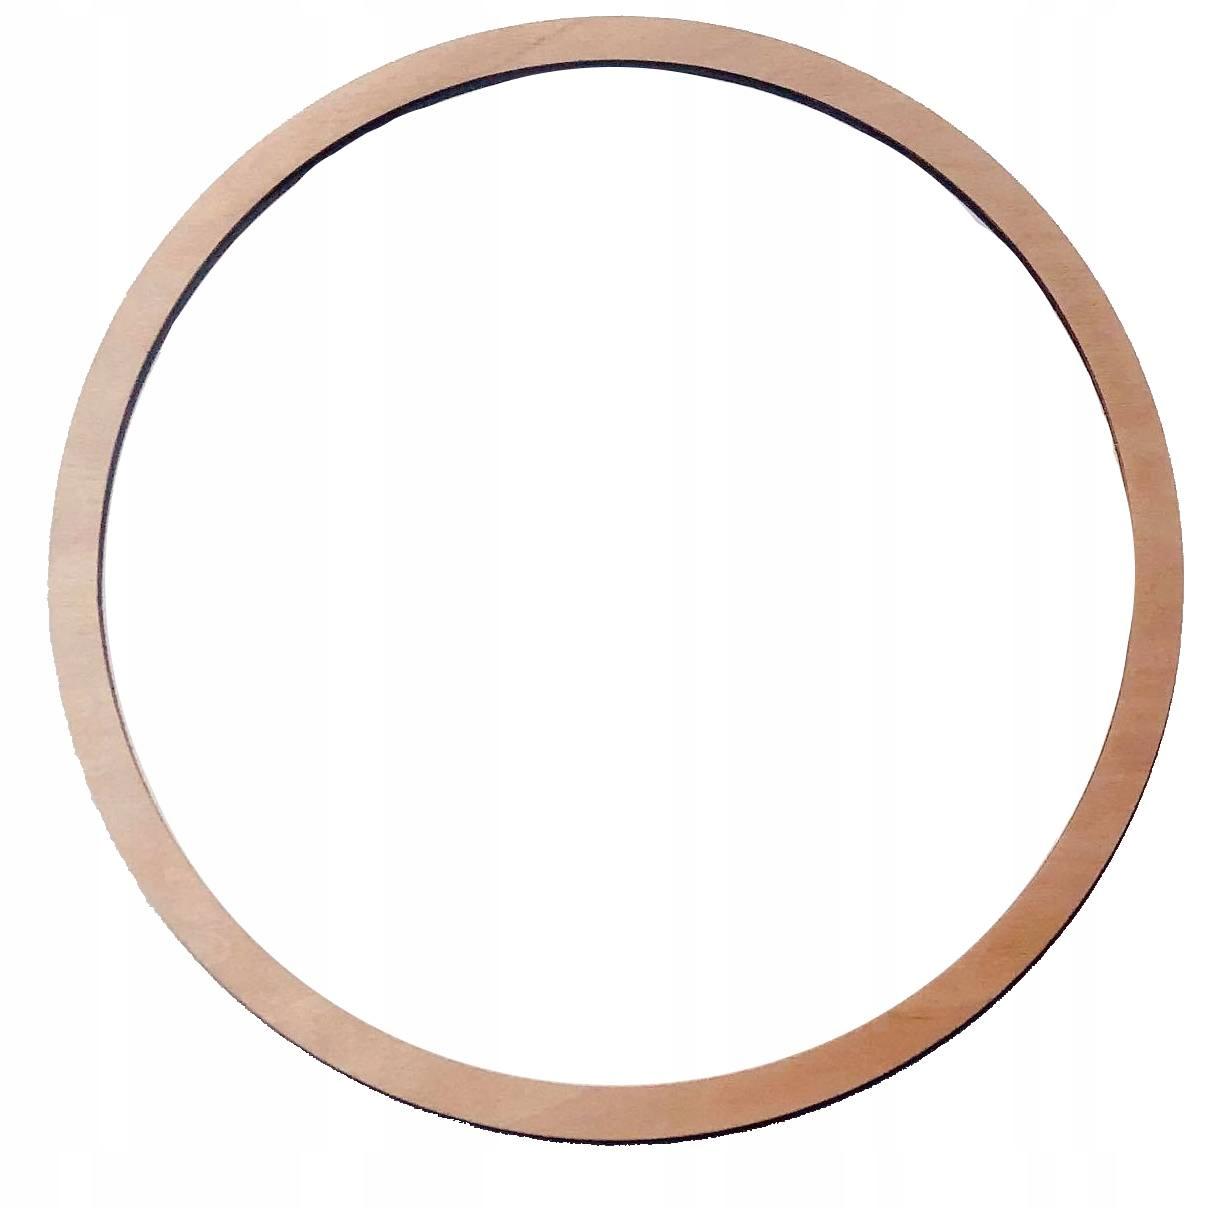 Drewniana obręcz kółko do łapacza snów 46 cm DIY